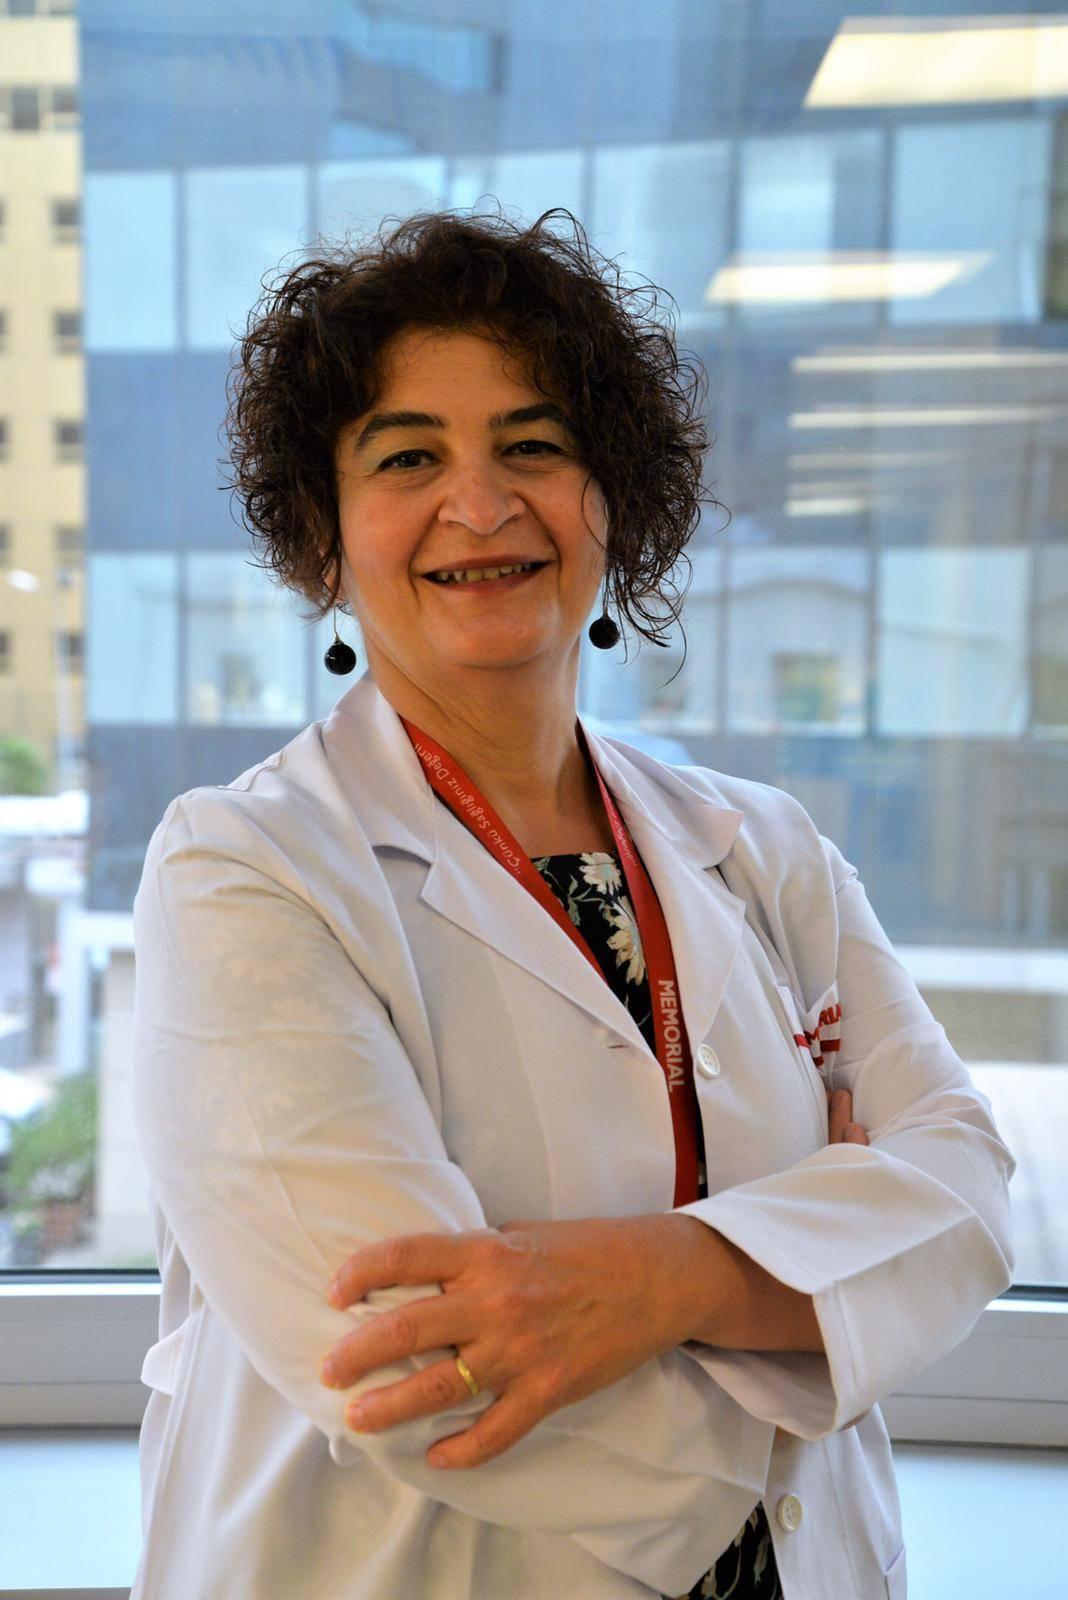 nöroloji uzmanı prof dr dilek necioğlu örken